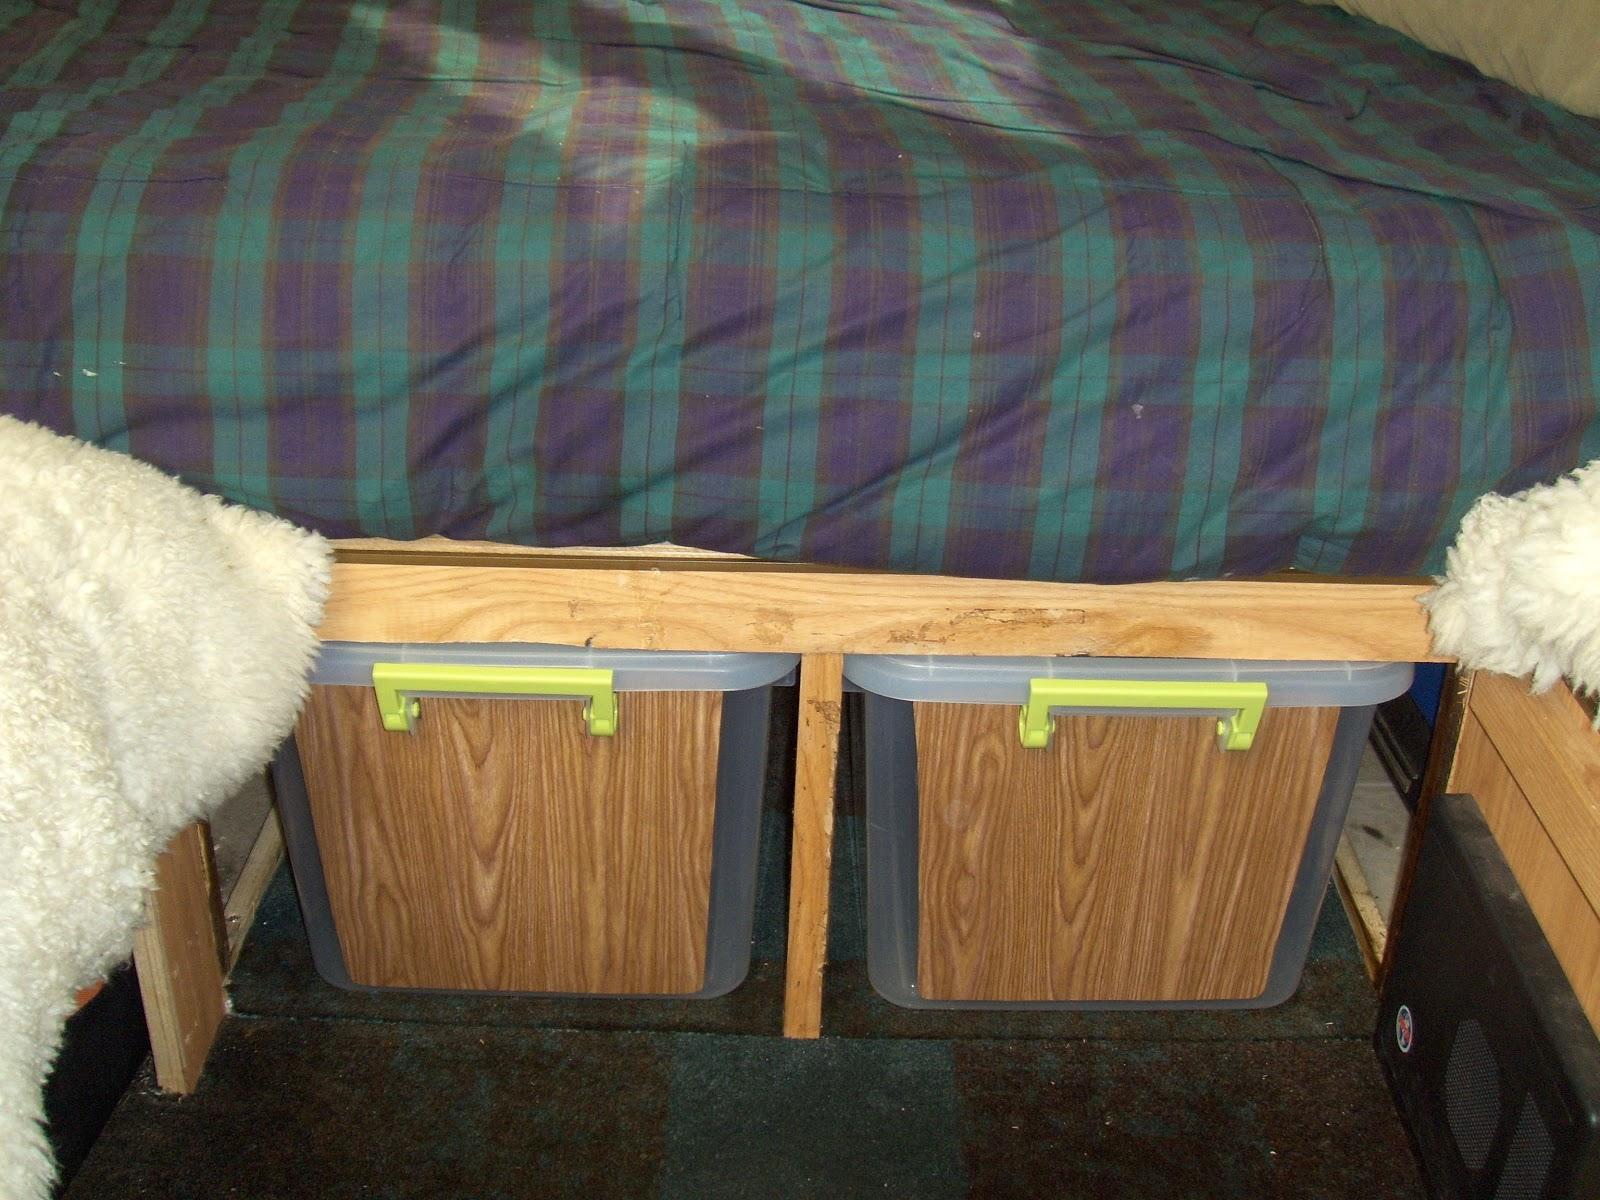 Slide Out Tubs Under Permanent Bed Dave Theoleguy And Nancys Aliner Plug Setup 2008 Camper Wiring